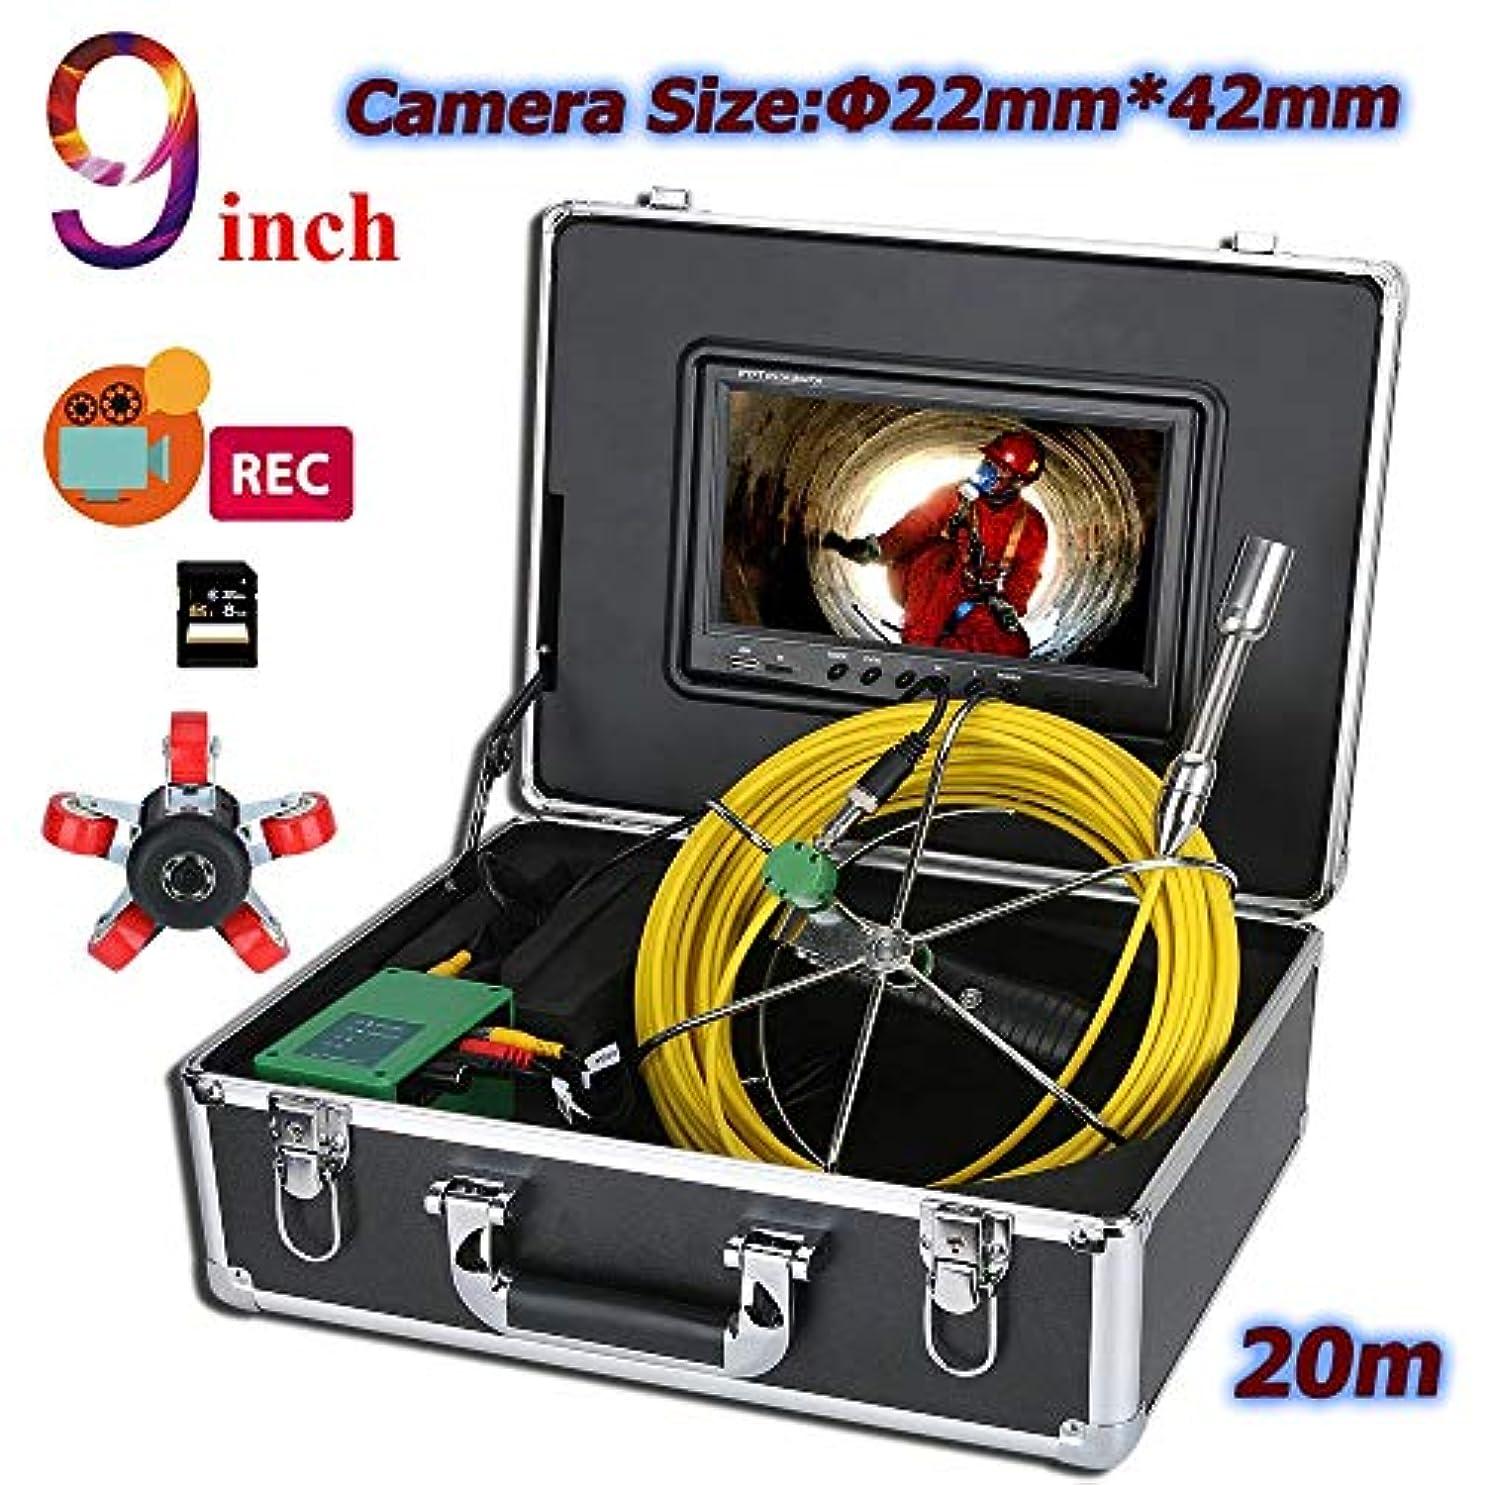 望まない思春期マイルストーン9インチDVR 22 mmパイプ検査ビデオカメラIP68防水排水管下水道検査カメラシステム1000 TVLカメラ付き6W LEDライト,20M